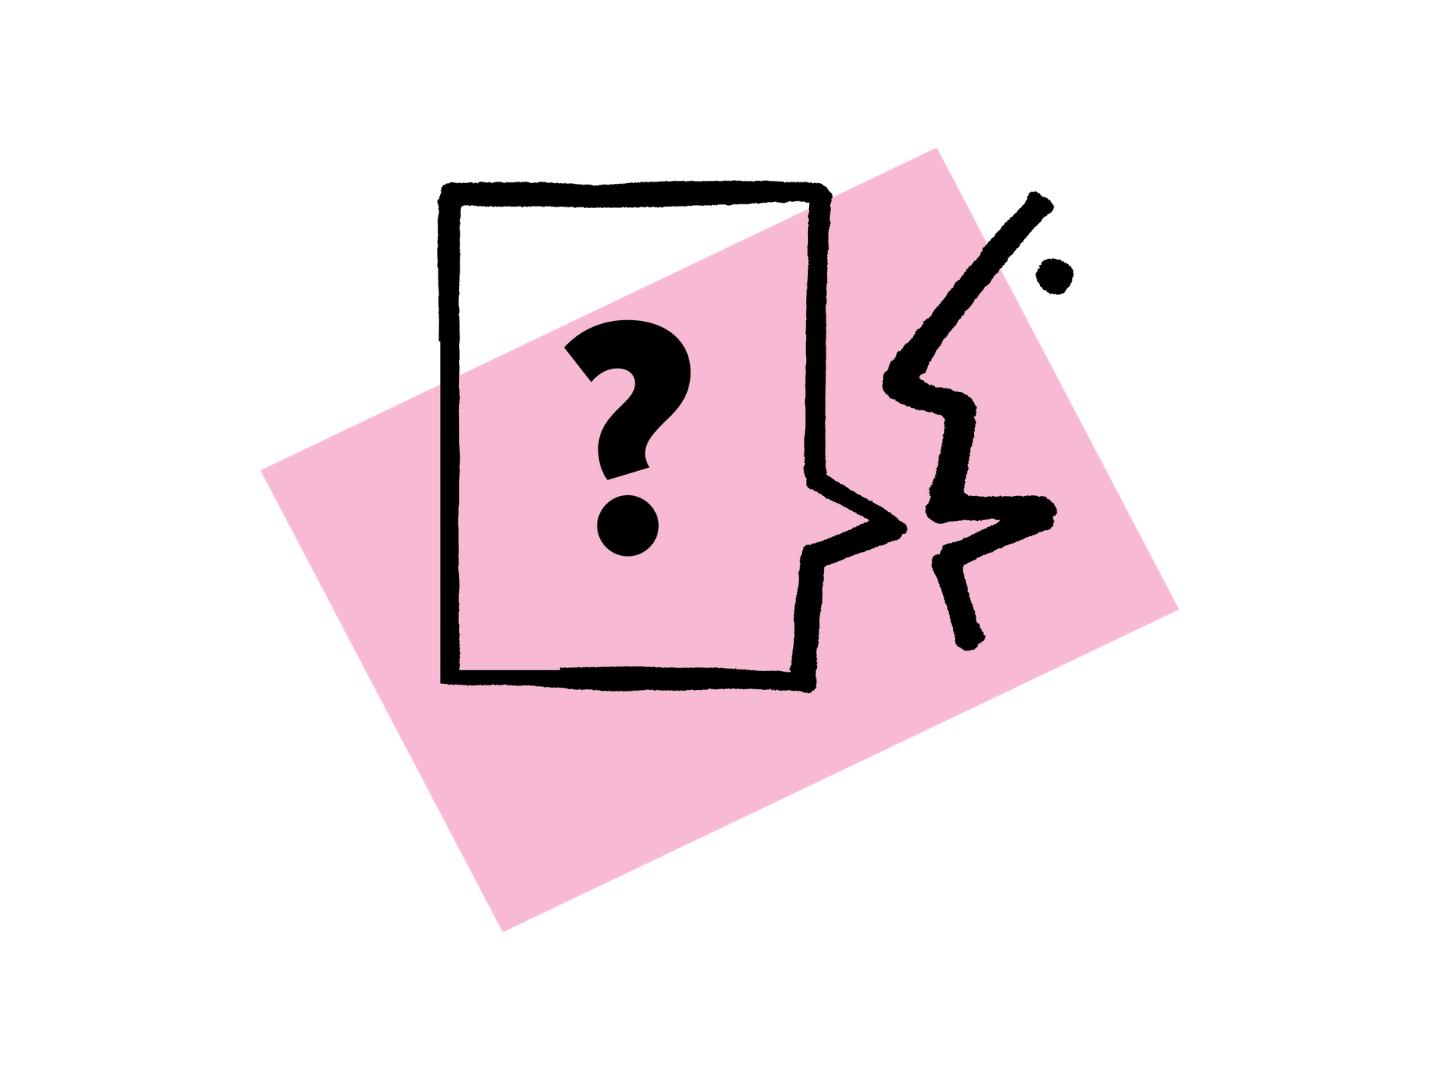 Jak mówić i pisać o osobach LGBT+?